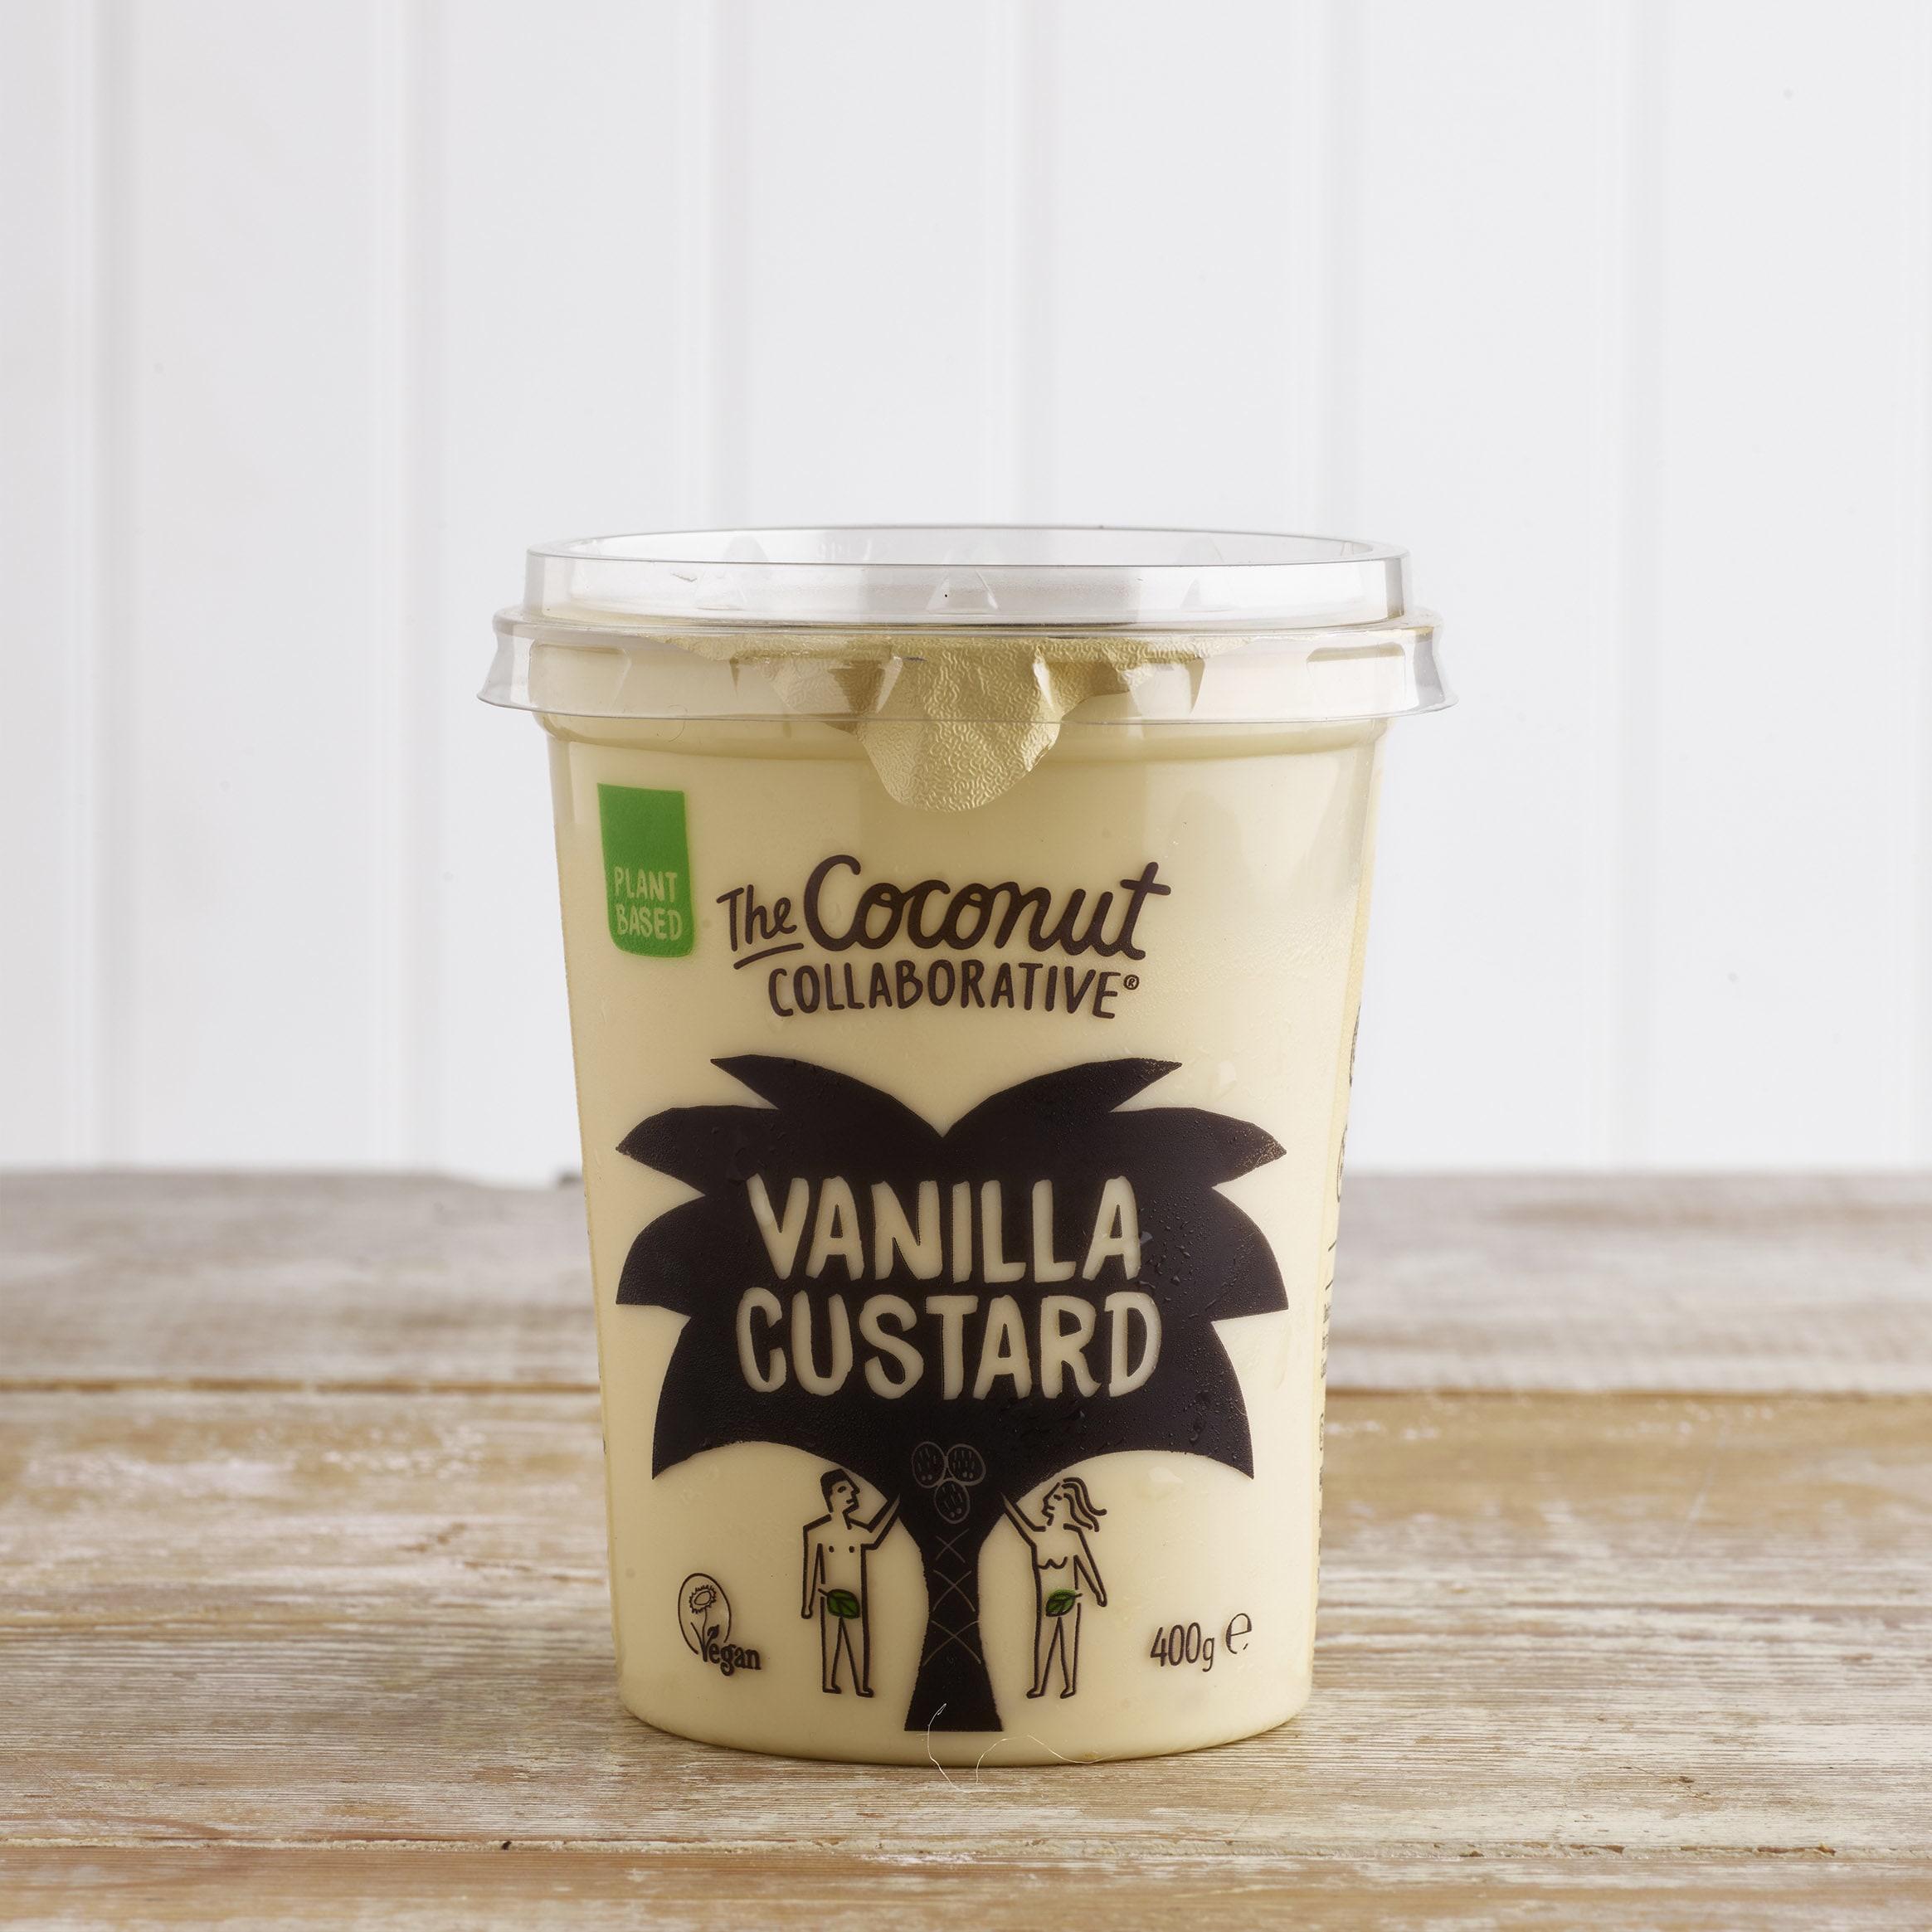 The Coconut Collaborative Vanilla Custard, 400g